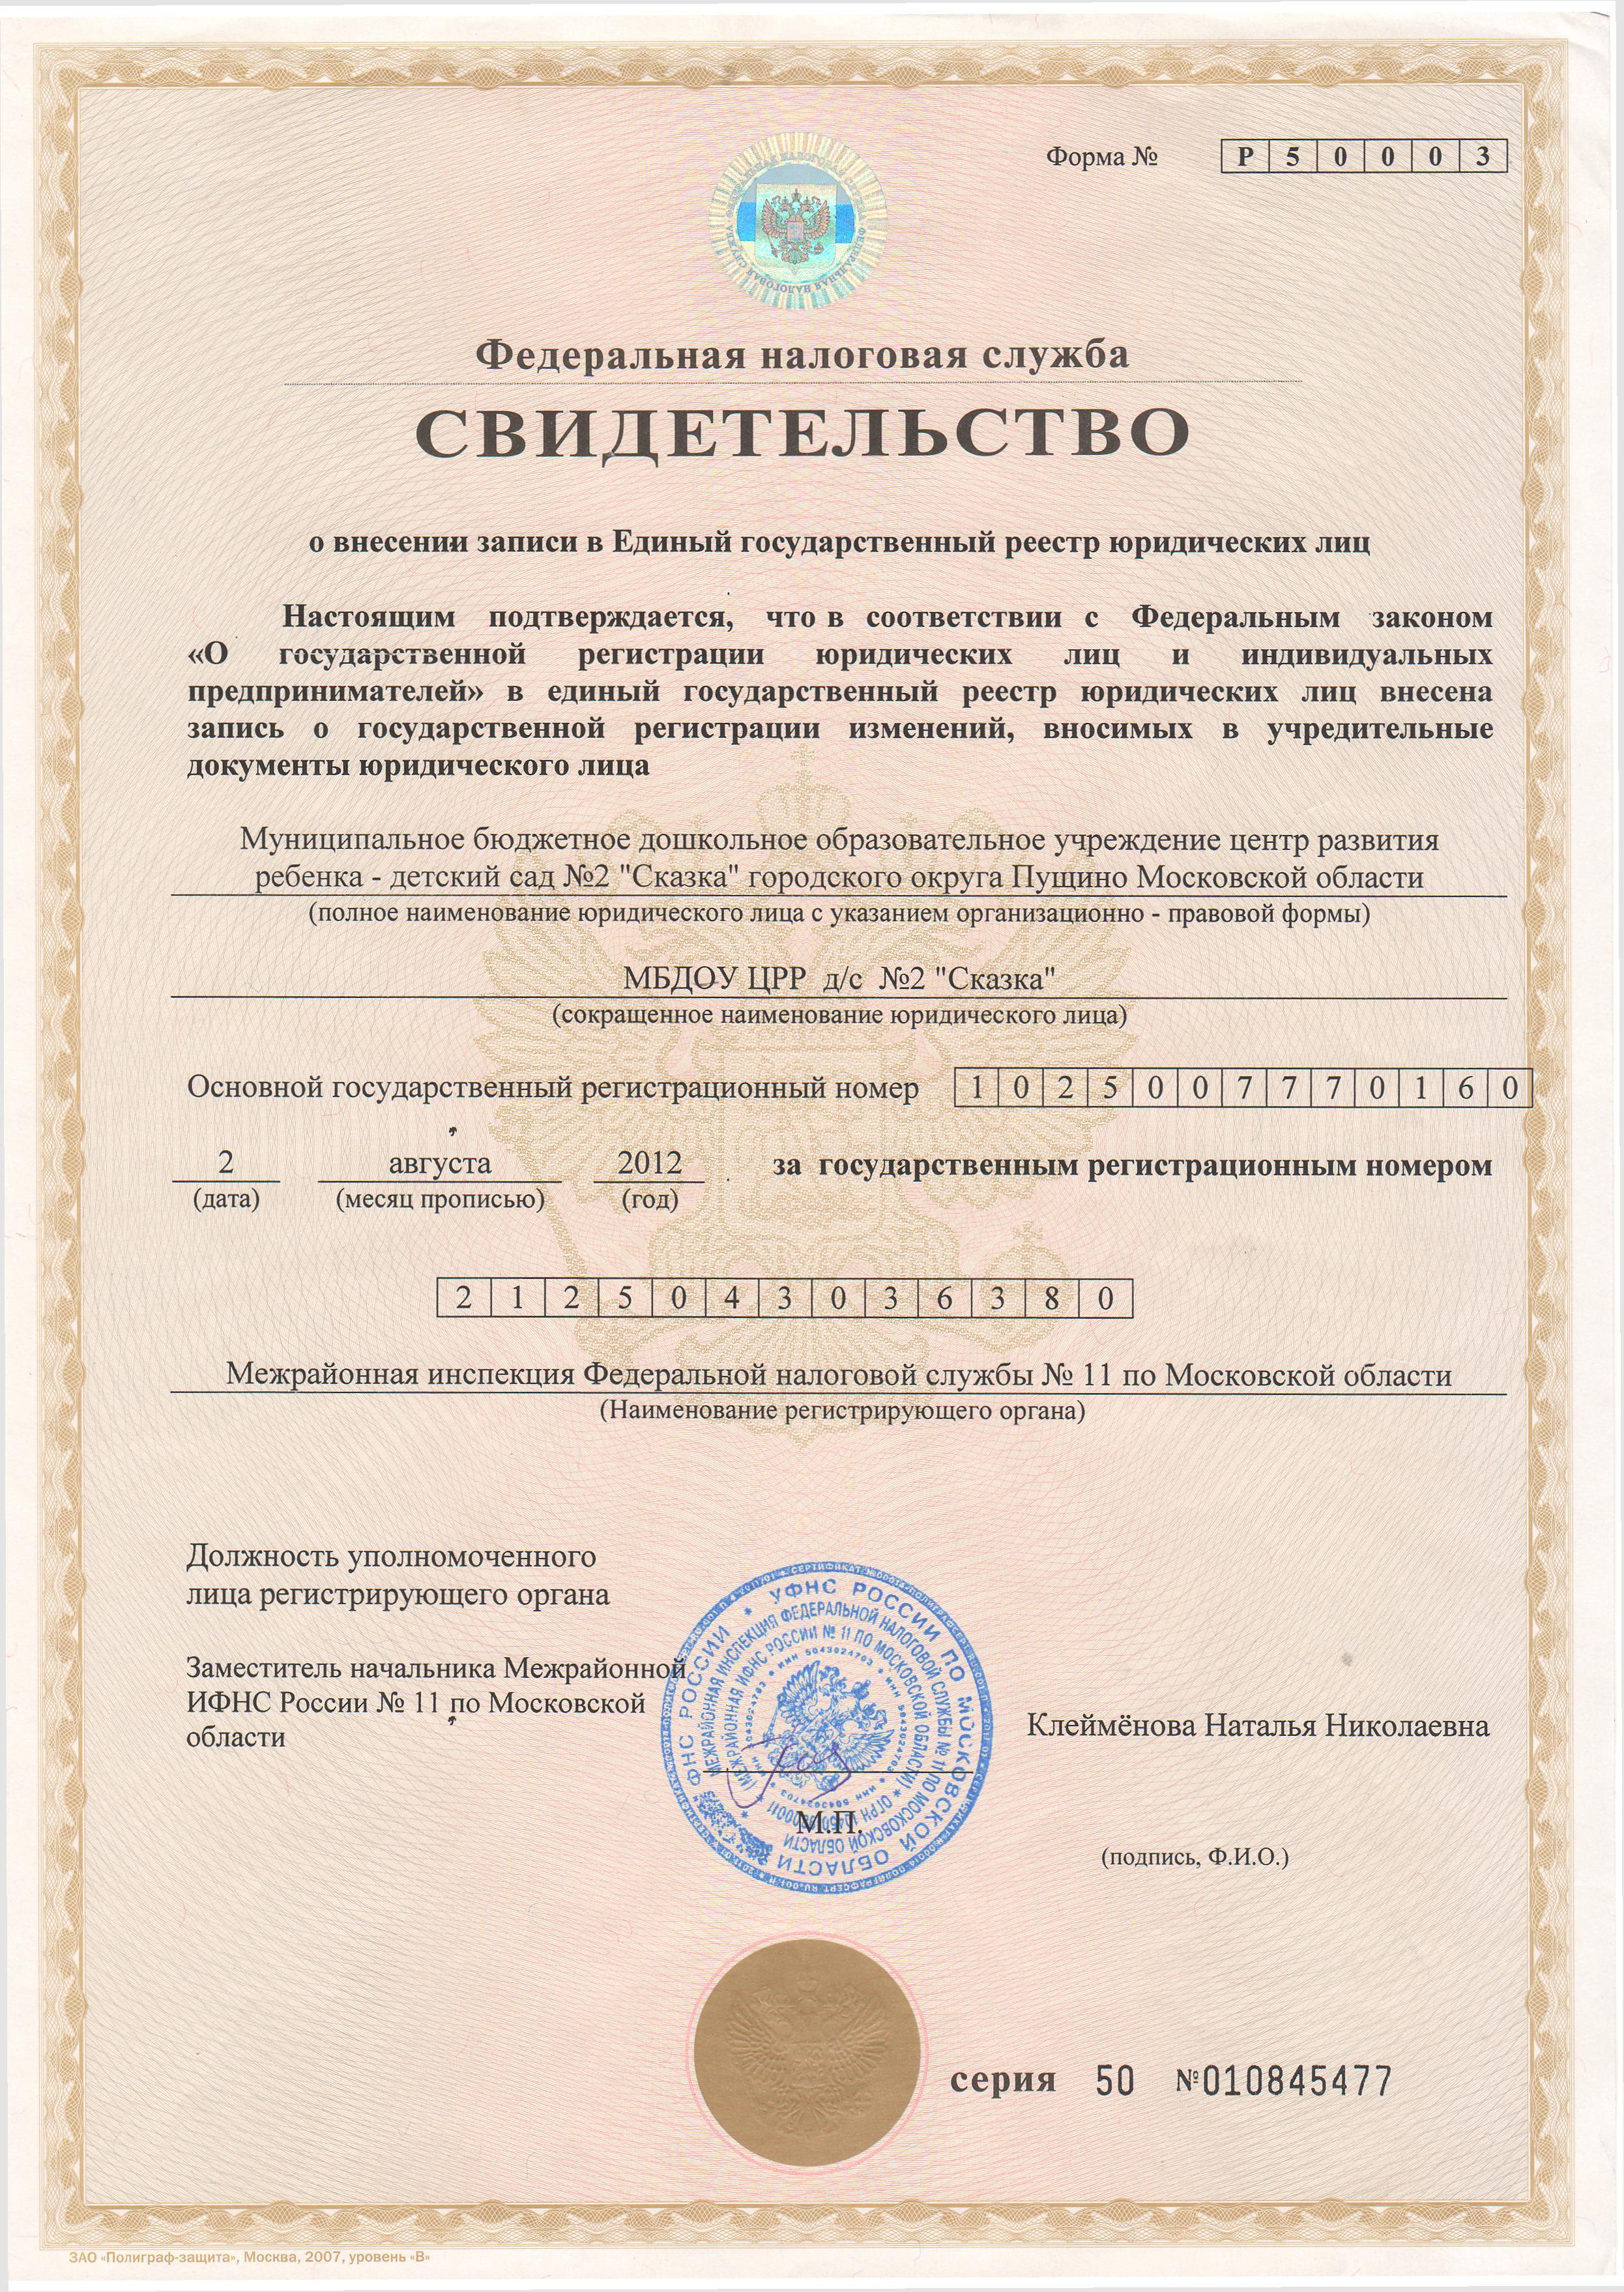 спицами фгку 1 отряд фпс по чукотскому автономному округу можно закрепить